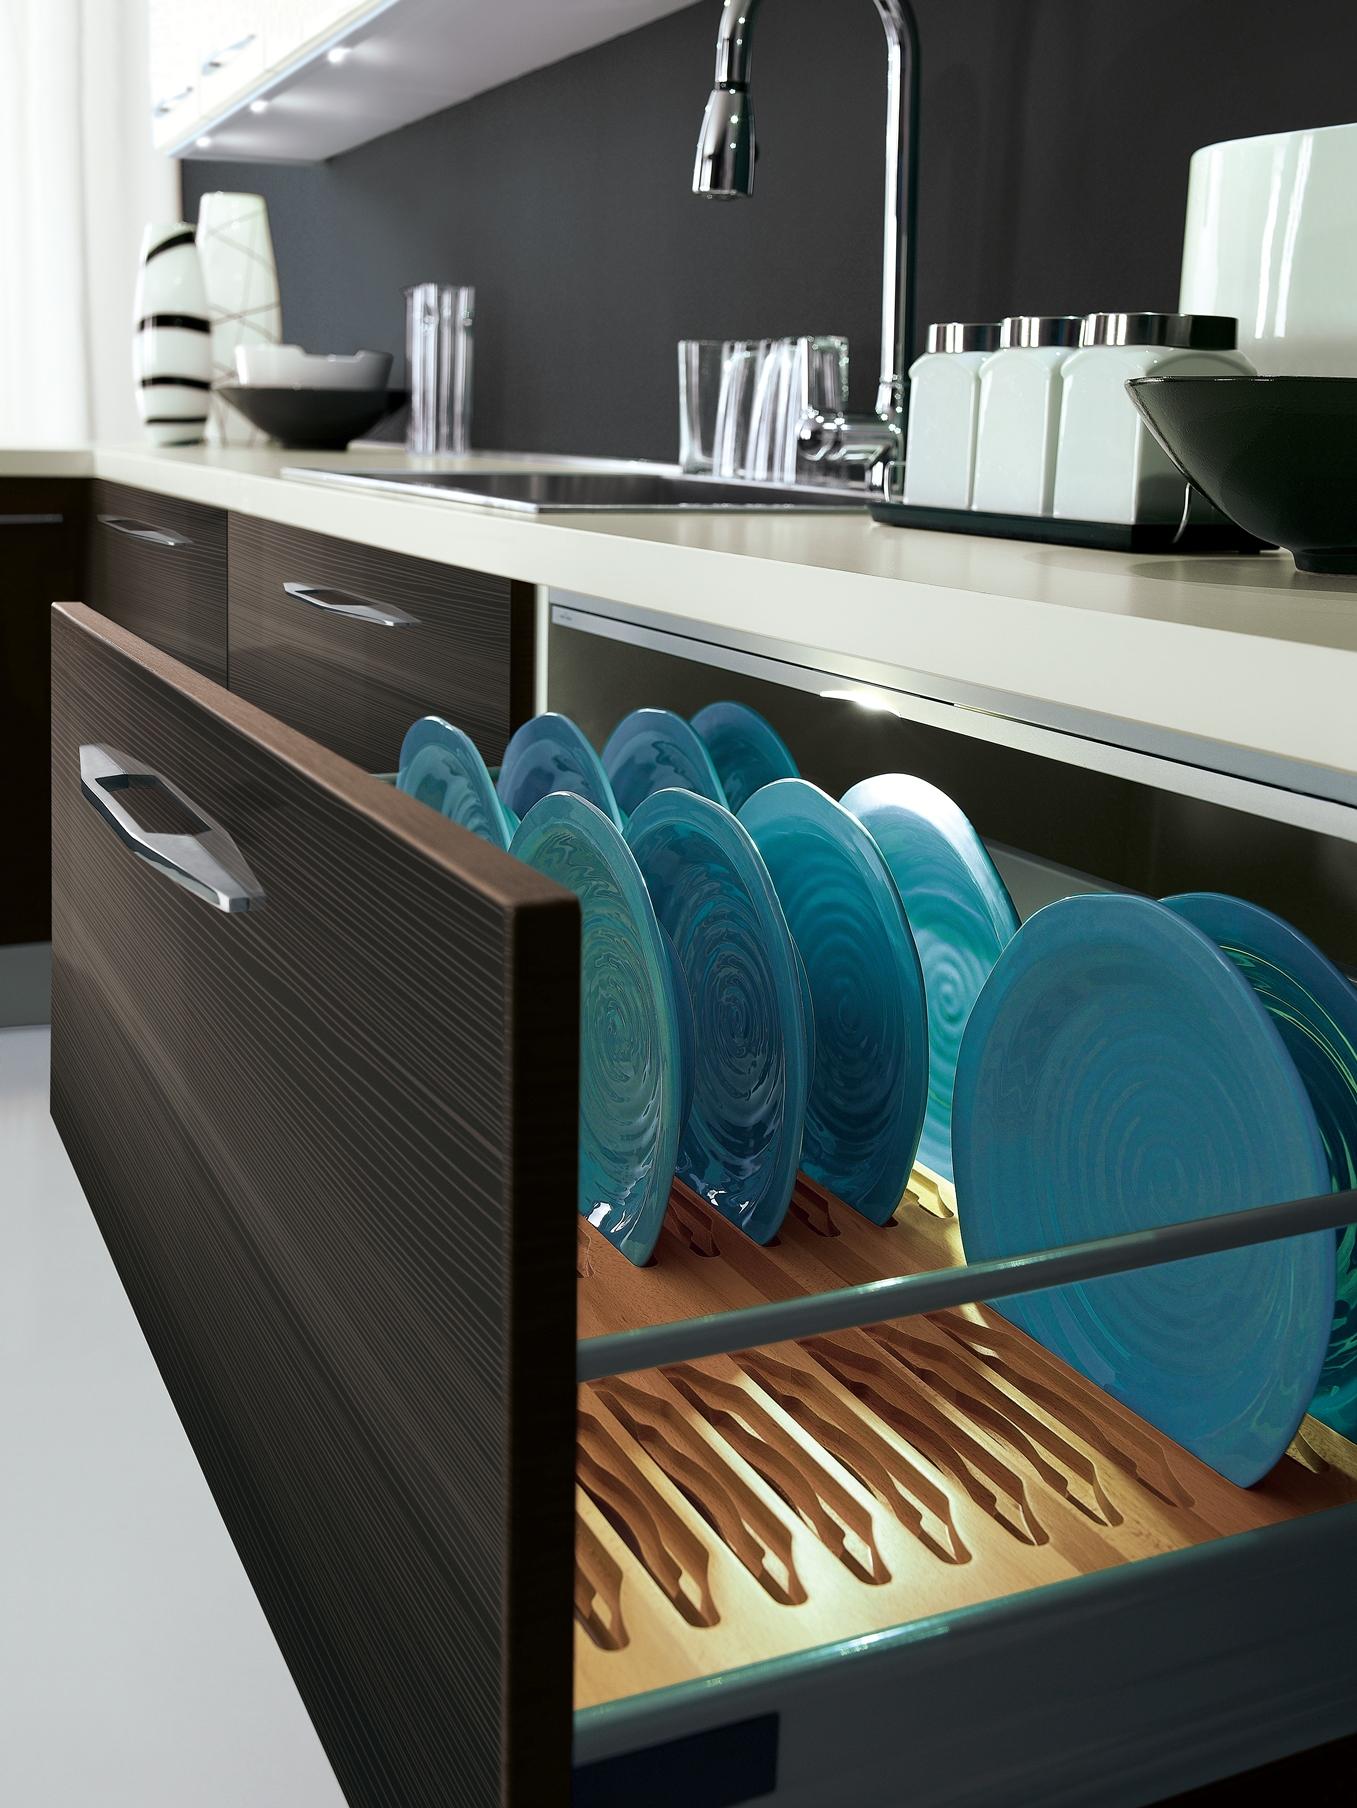 Convenienza: I Dettagli Che Rendono Uniche Le Cucine Mondo Convenienza #194D5E 1357 1808 Dispensa Cucina IKEA